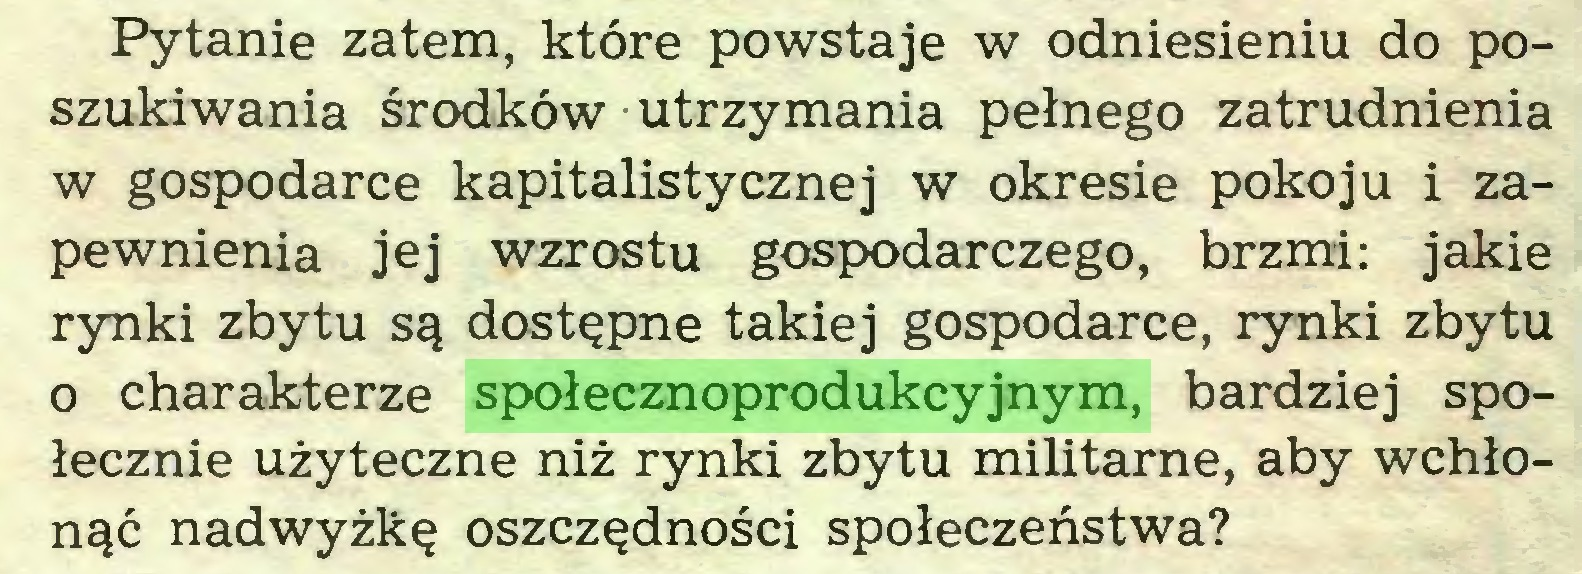 (...) Pytanie zatem, które powstaje w odniesieniu do poszukiwania środków utrzymania pełnego zatrudnienia w gospodarce kapitalistycznej w okresie pokoju i zapewnienia jej wzrostu gospodarczego, brzmi: jakie rynki zbytu są dostępne takiej gospodarce, rynki zbytu o charakterze społecznoprodukcyjnym, bardziej społecznie użyteczne niż rynki zbytu militarne, aby wchłonąć nadwyżkę oszczędności społeczeństwa?...